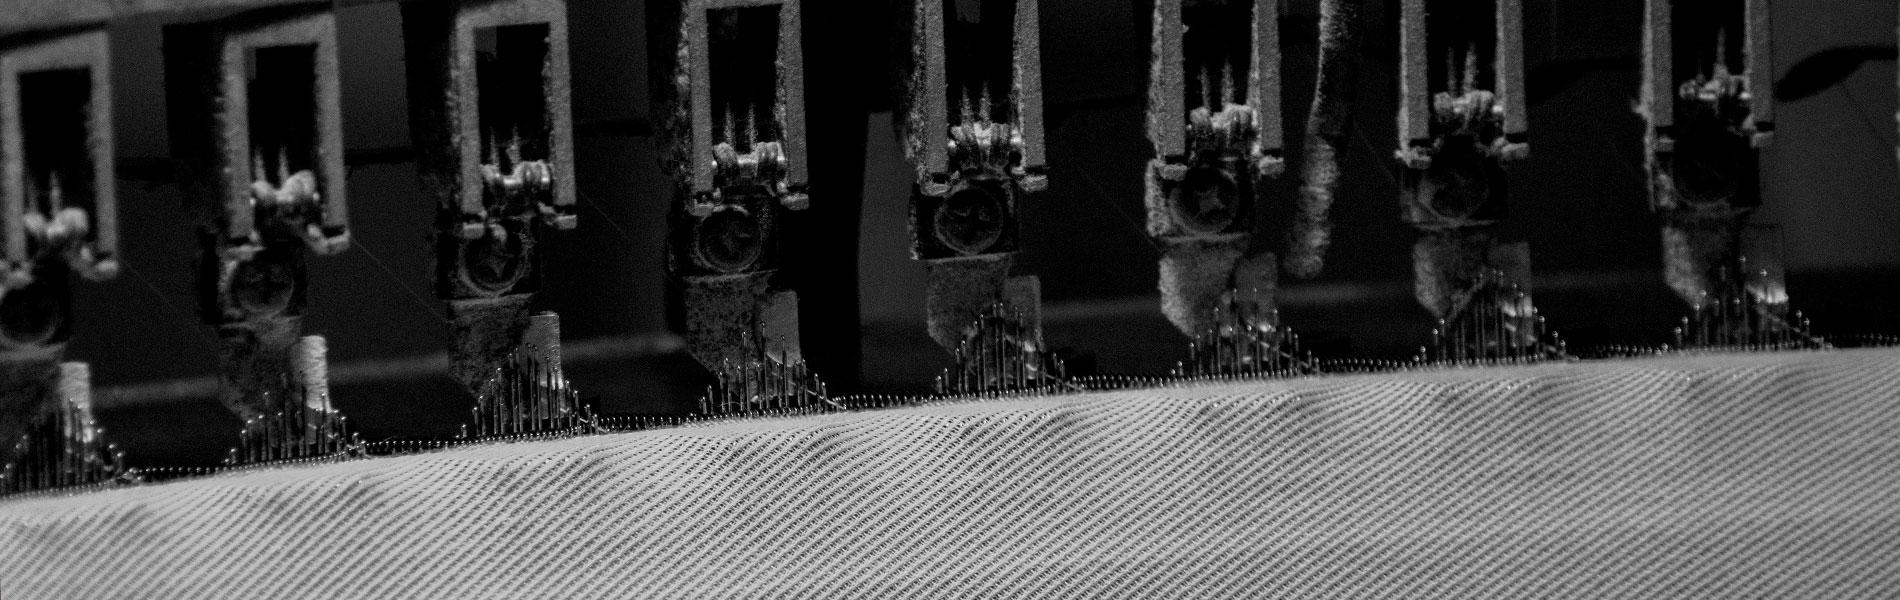 紀南メリヤス|紀南莫大小工場|Kinan knitting corporation